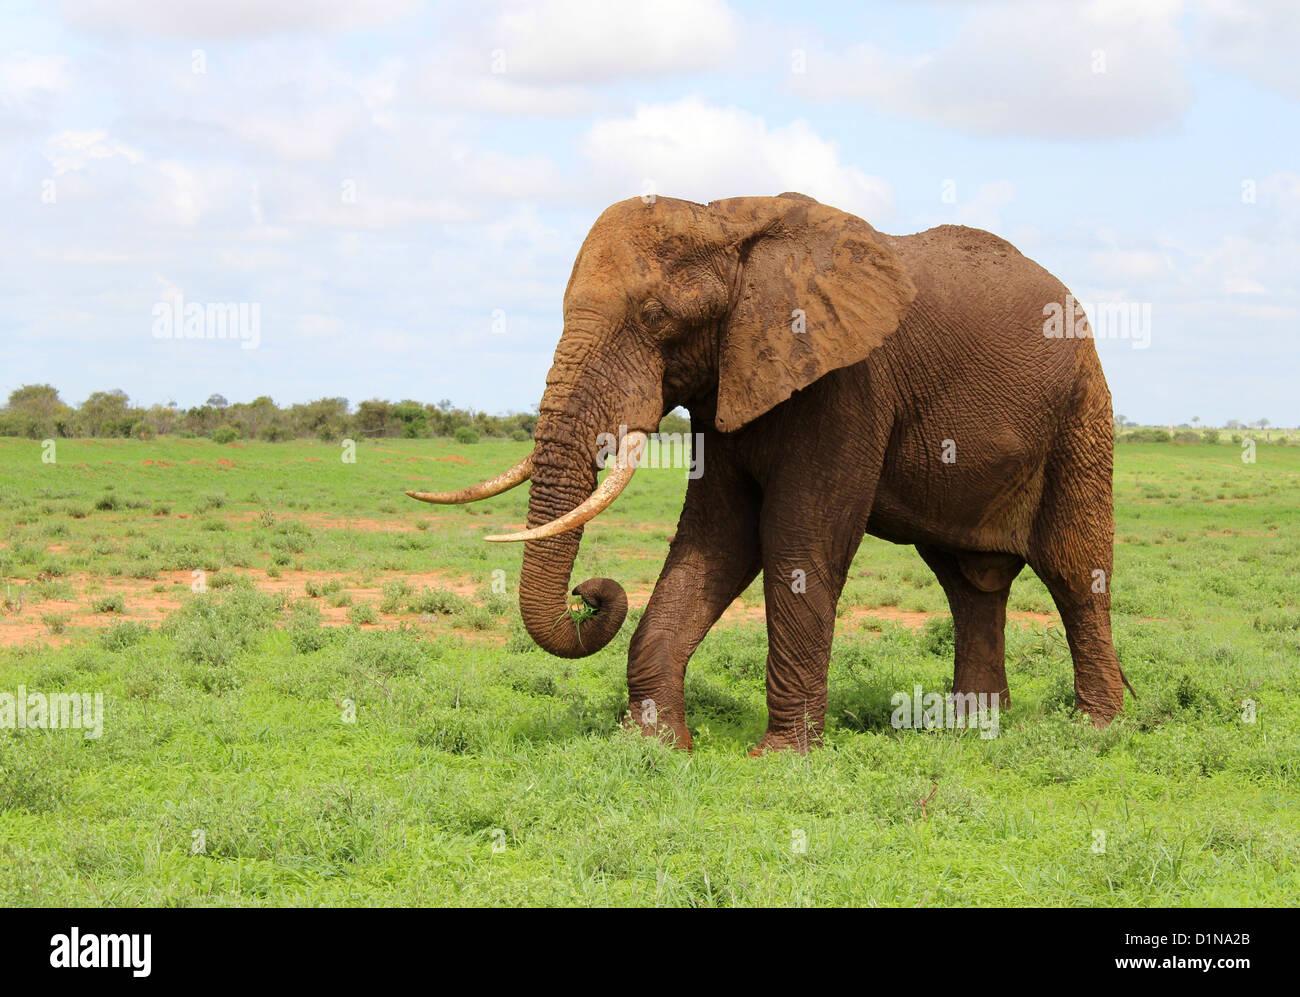 Elephant, African Elephant, Tsavo East National Park, Kenya, Africa - Stock Image